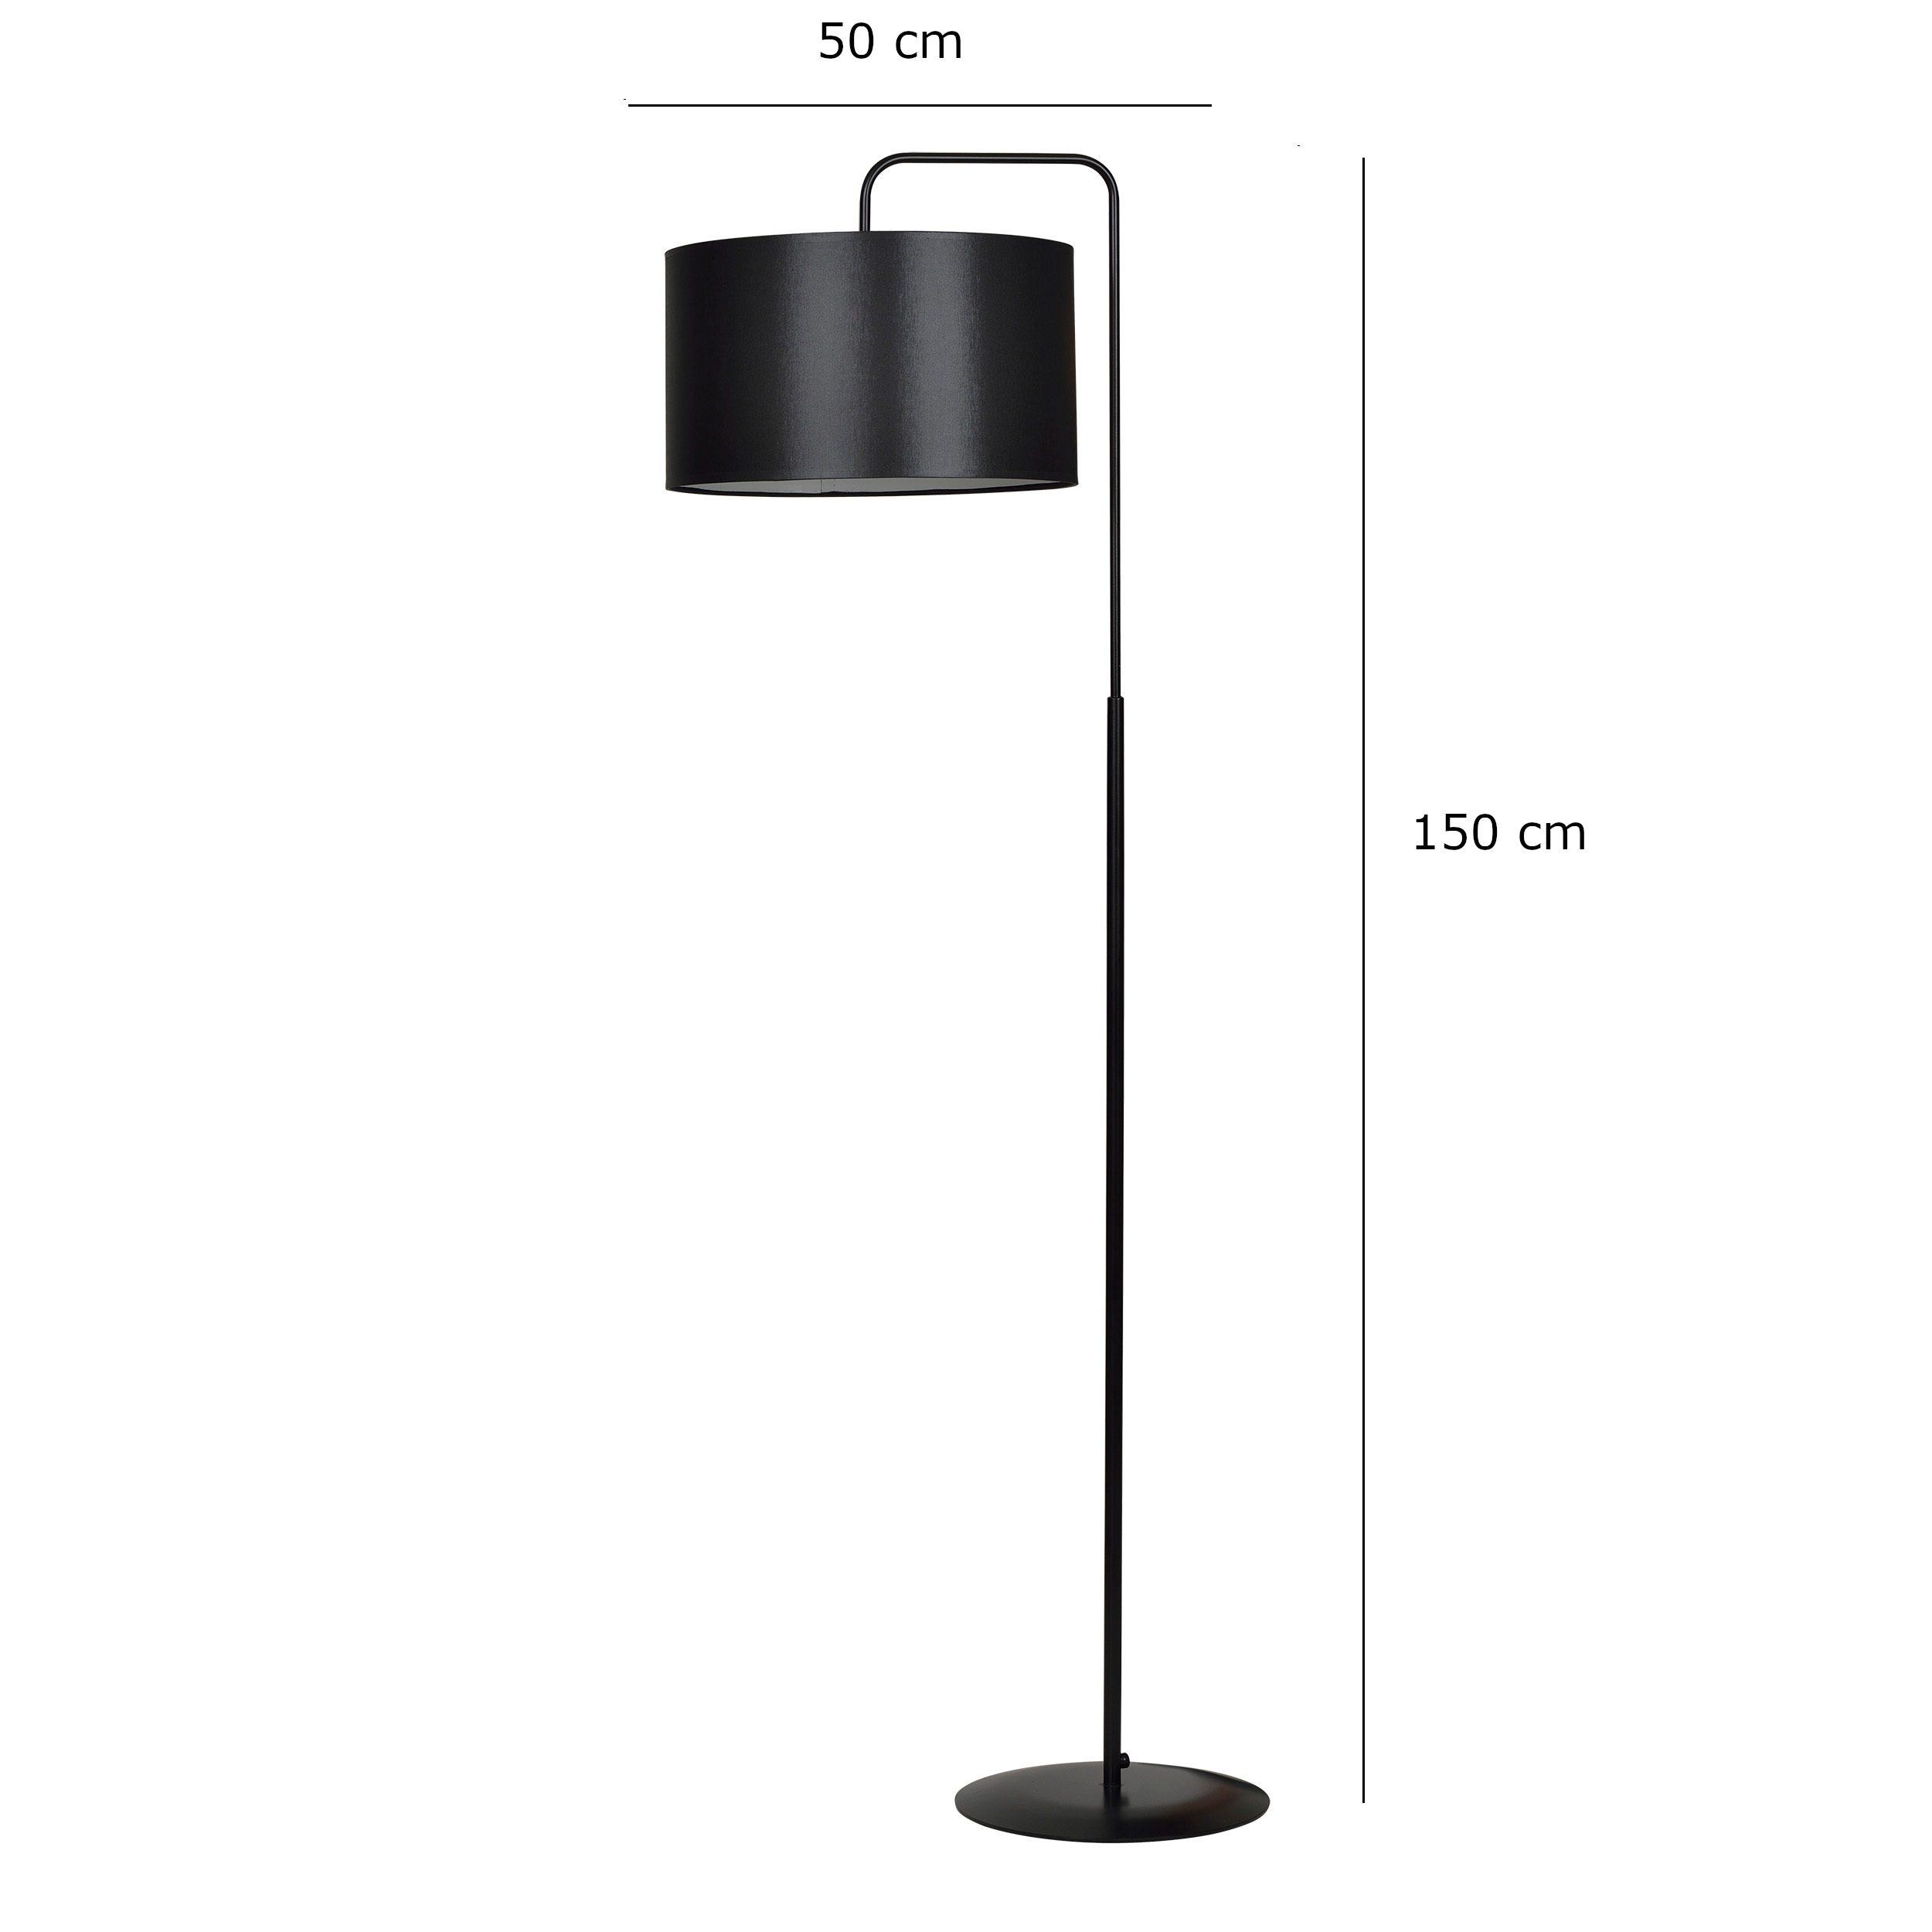 Minimalistyczna lampa stojąca Liam